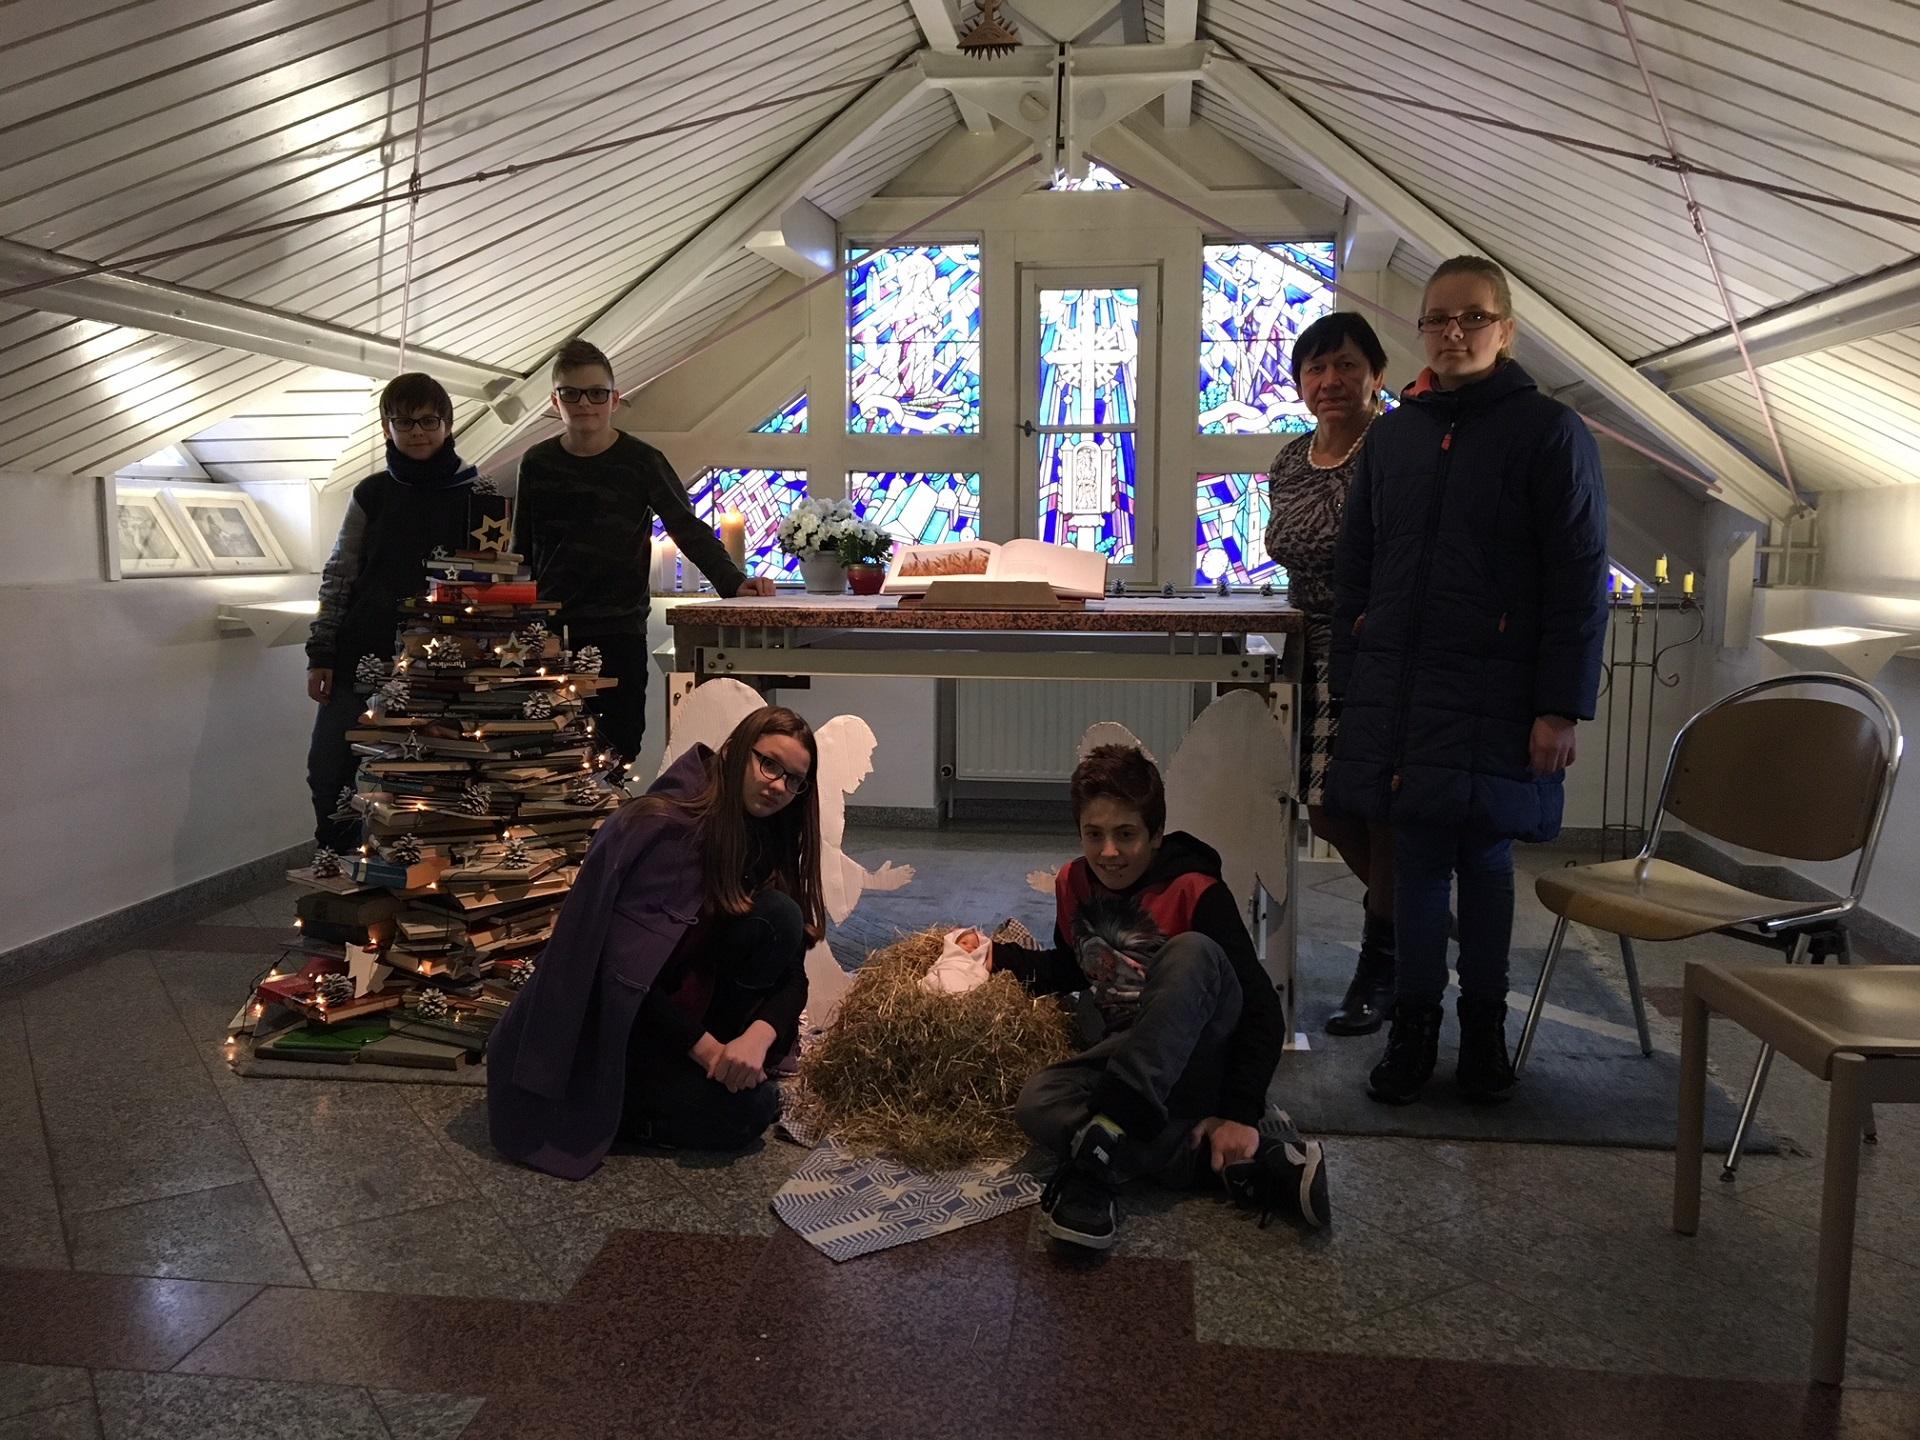 Knygos ir skaitymui, ir Šv. Kalėdų džiaugsmui skleisti